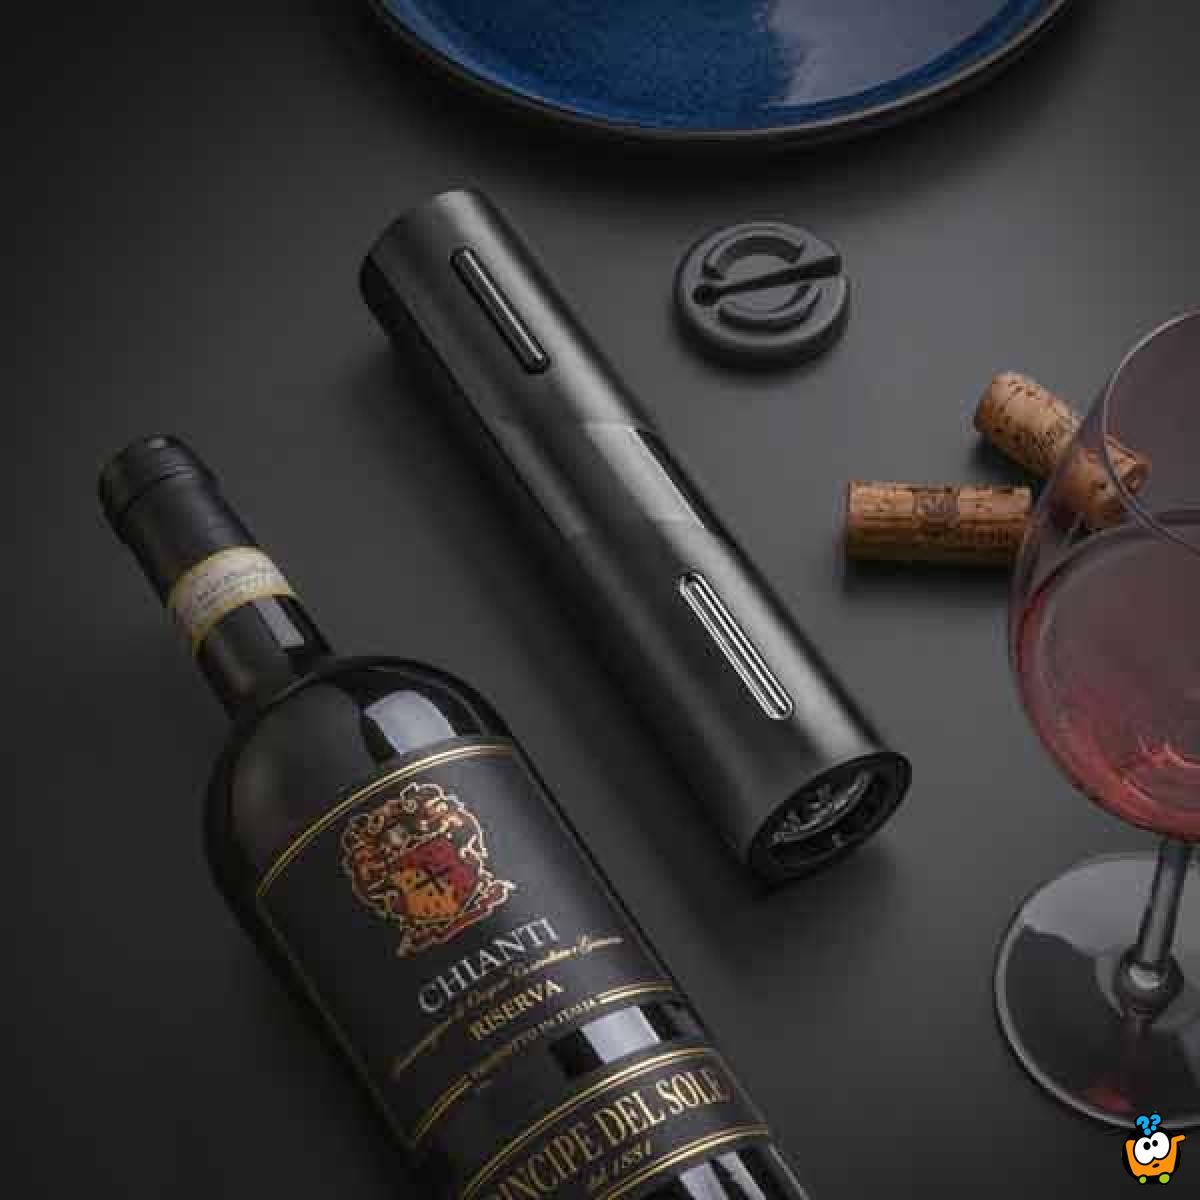 Wine o clock - Otvarač vina